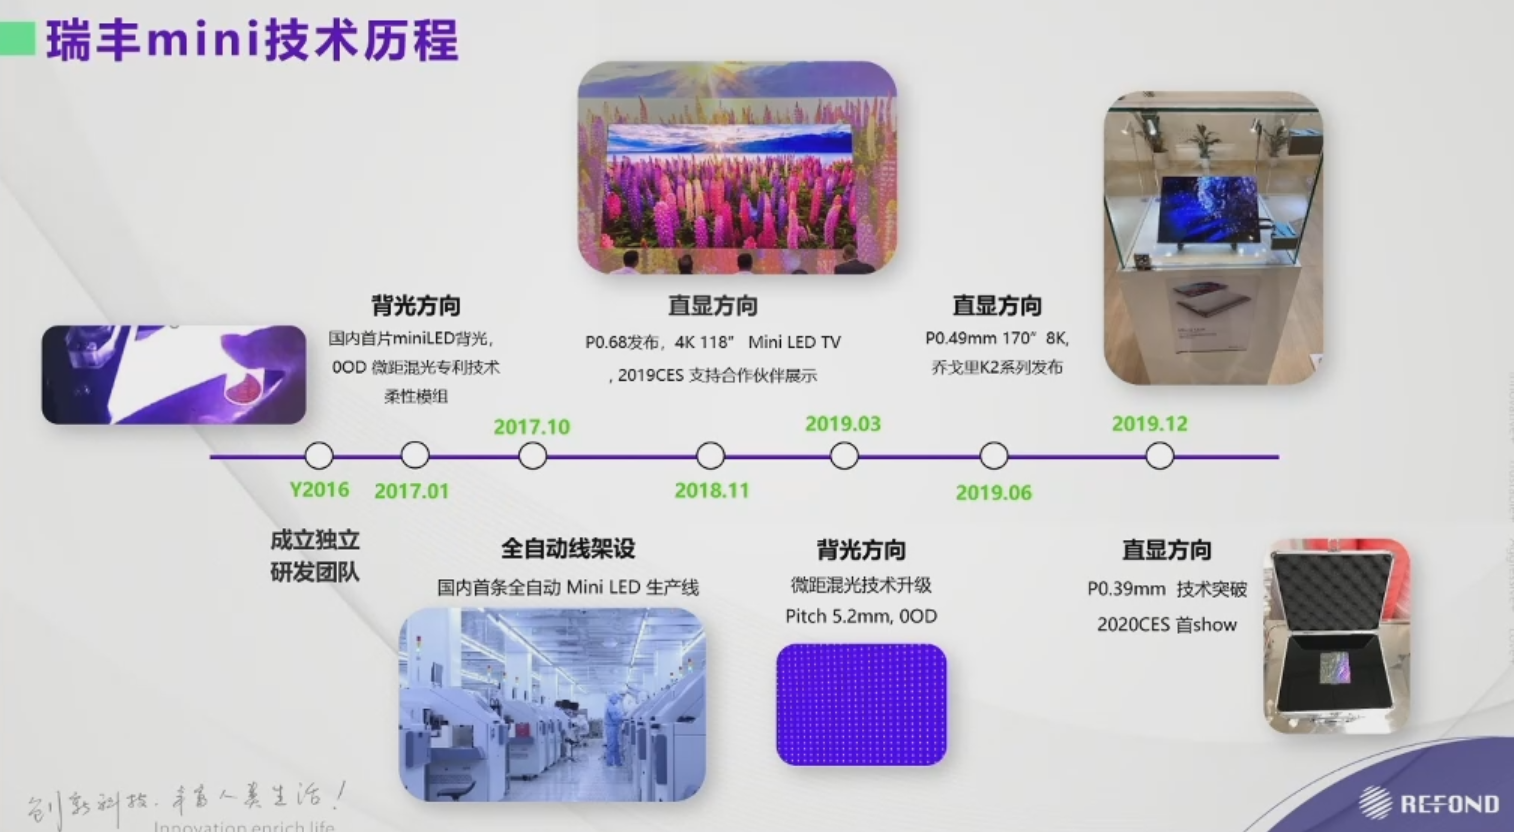 2020新型显示研讨会--瑞丰光电MiniLED分享  第10张